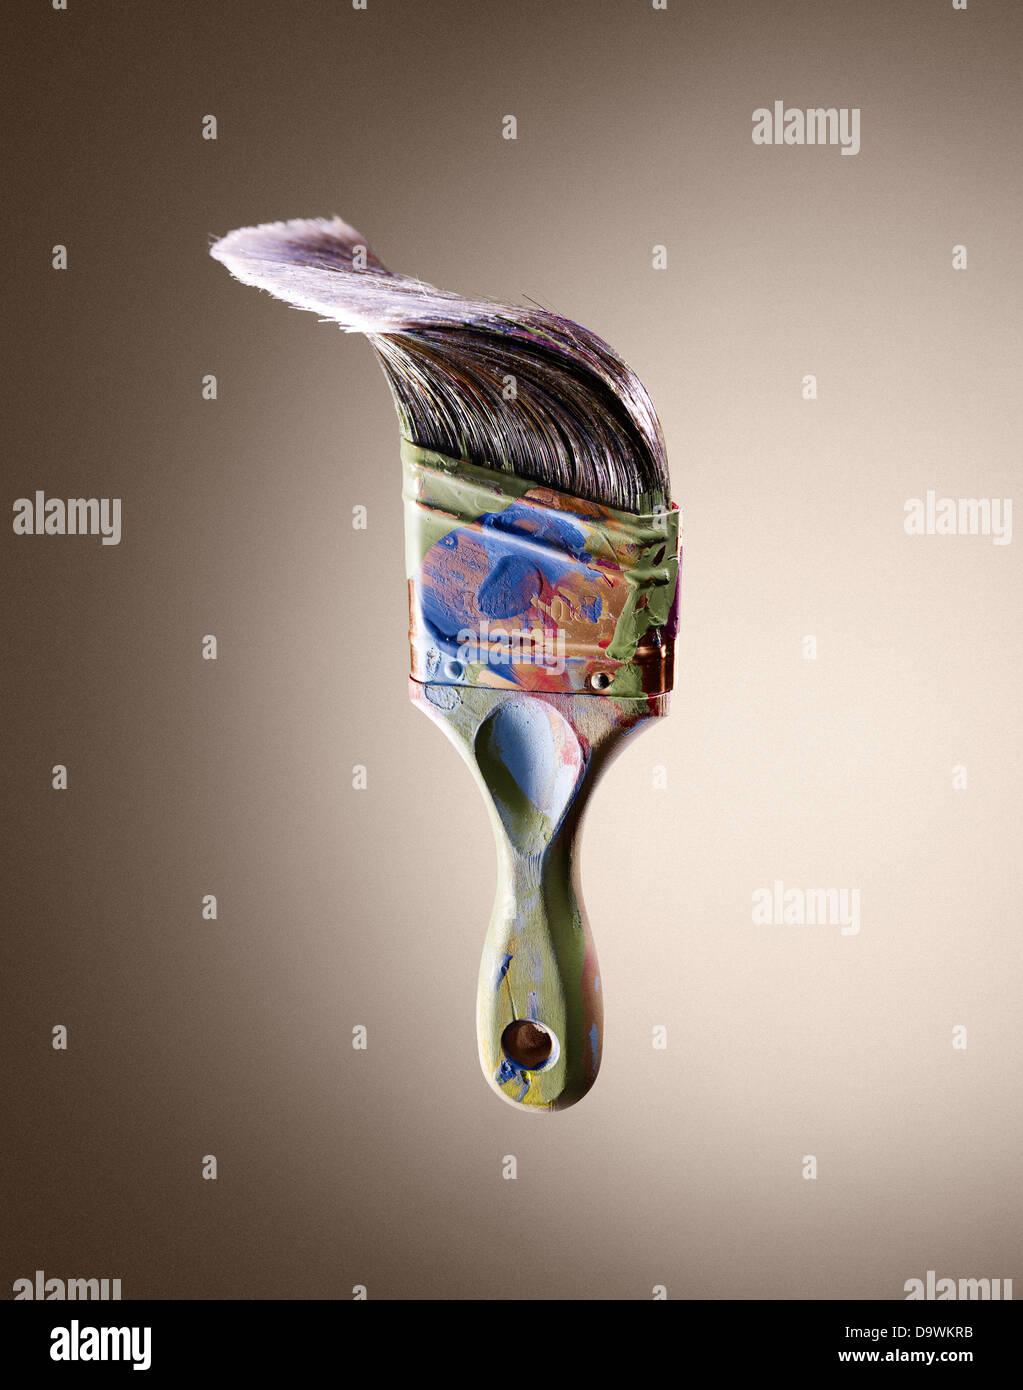 paint brush - Stock Image